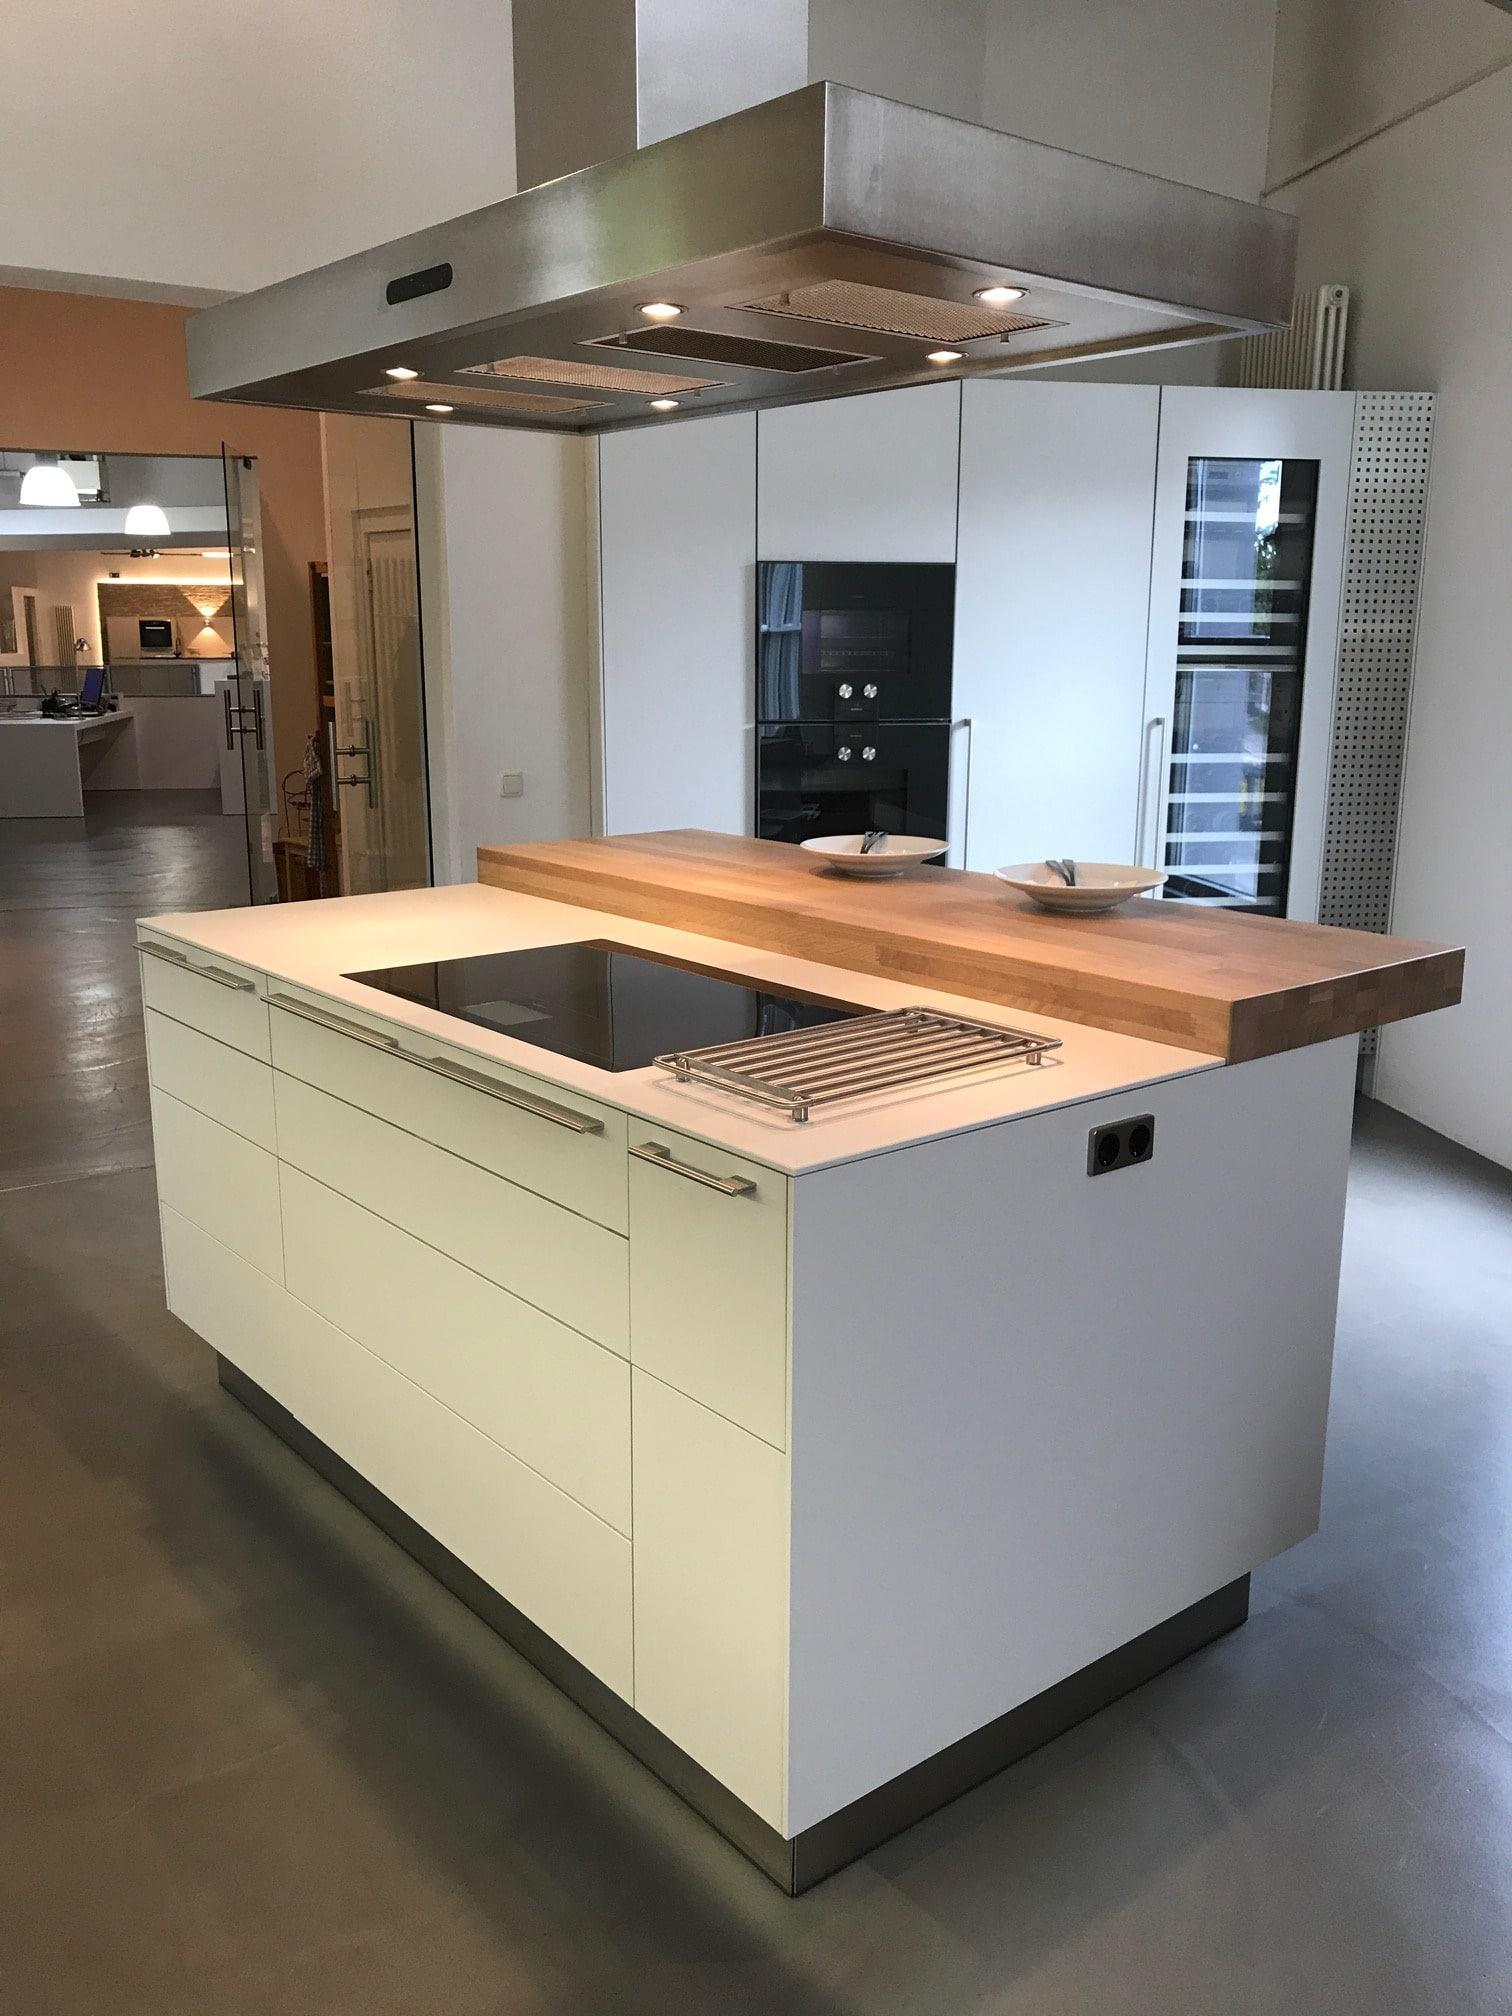 Bulthaup Einbauküche in grau von Küchen Dross&Schaffer in Ingolstadt_4